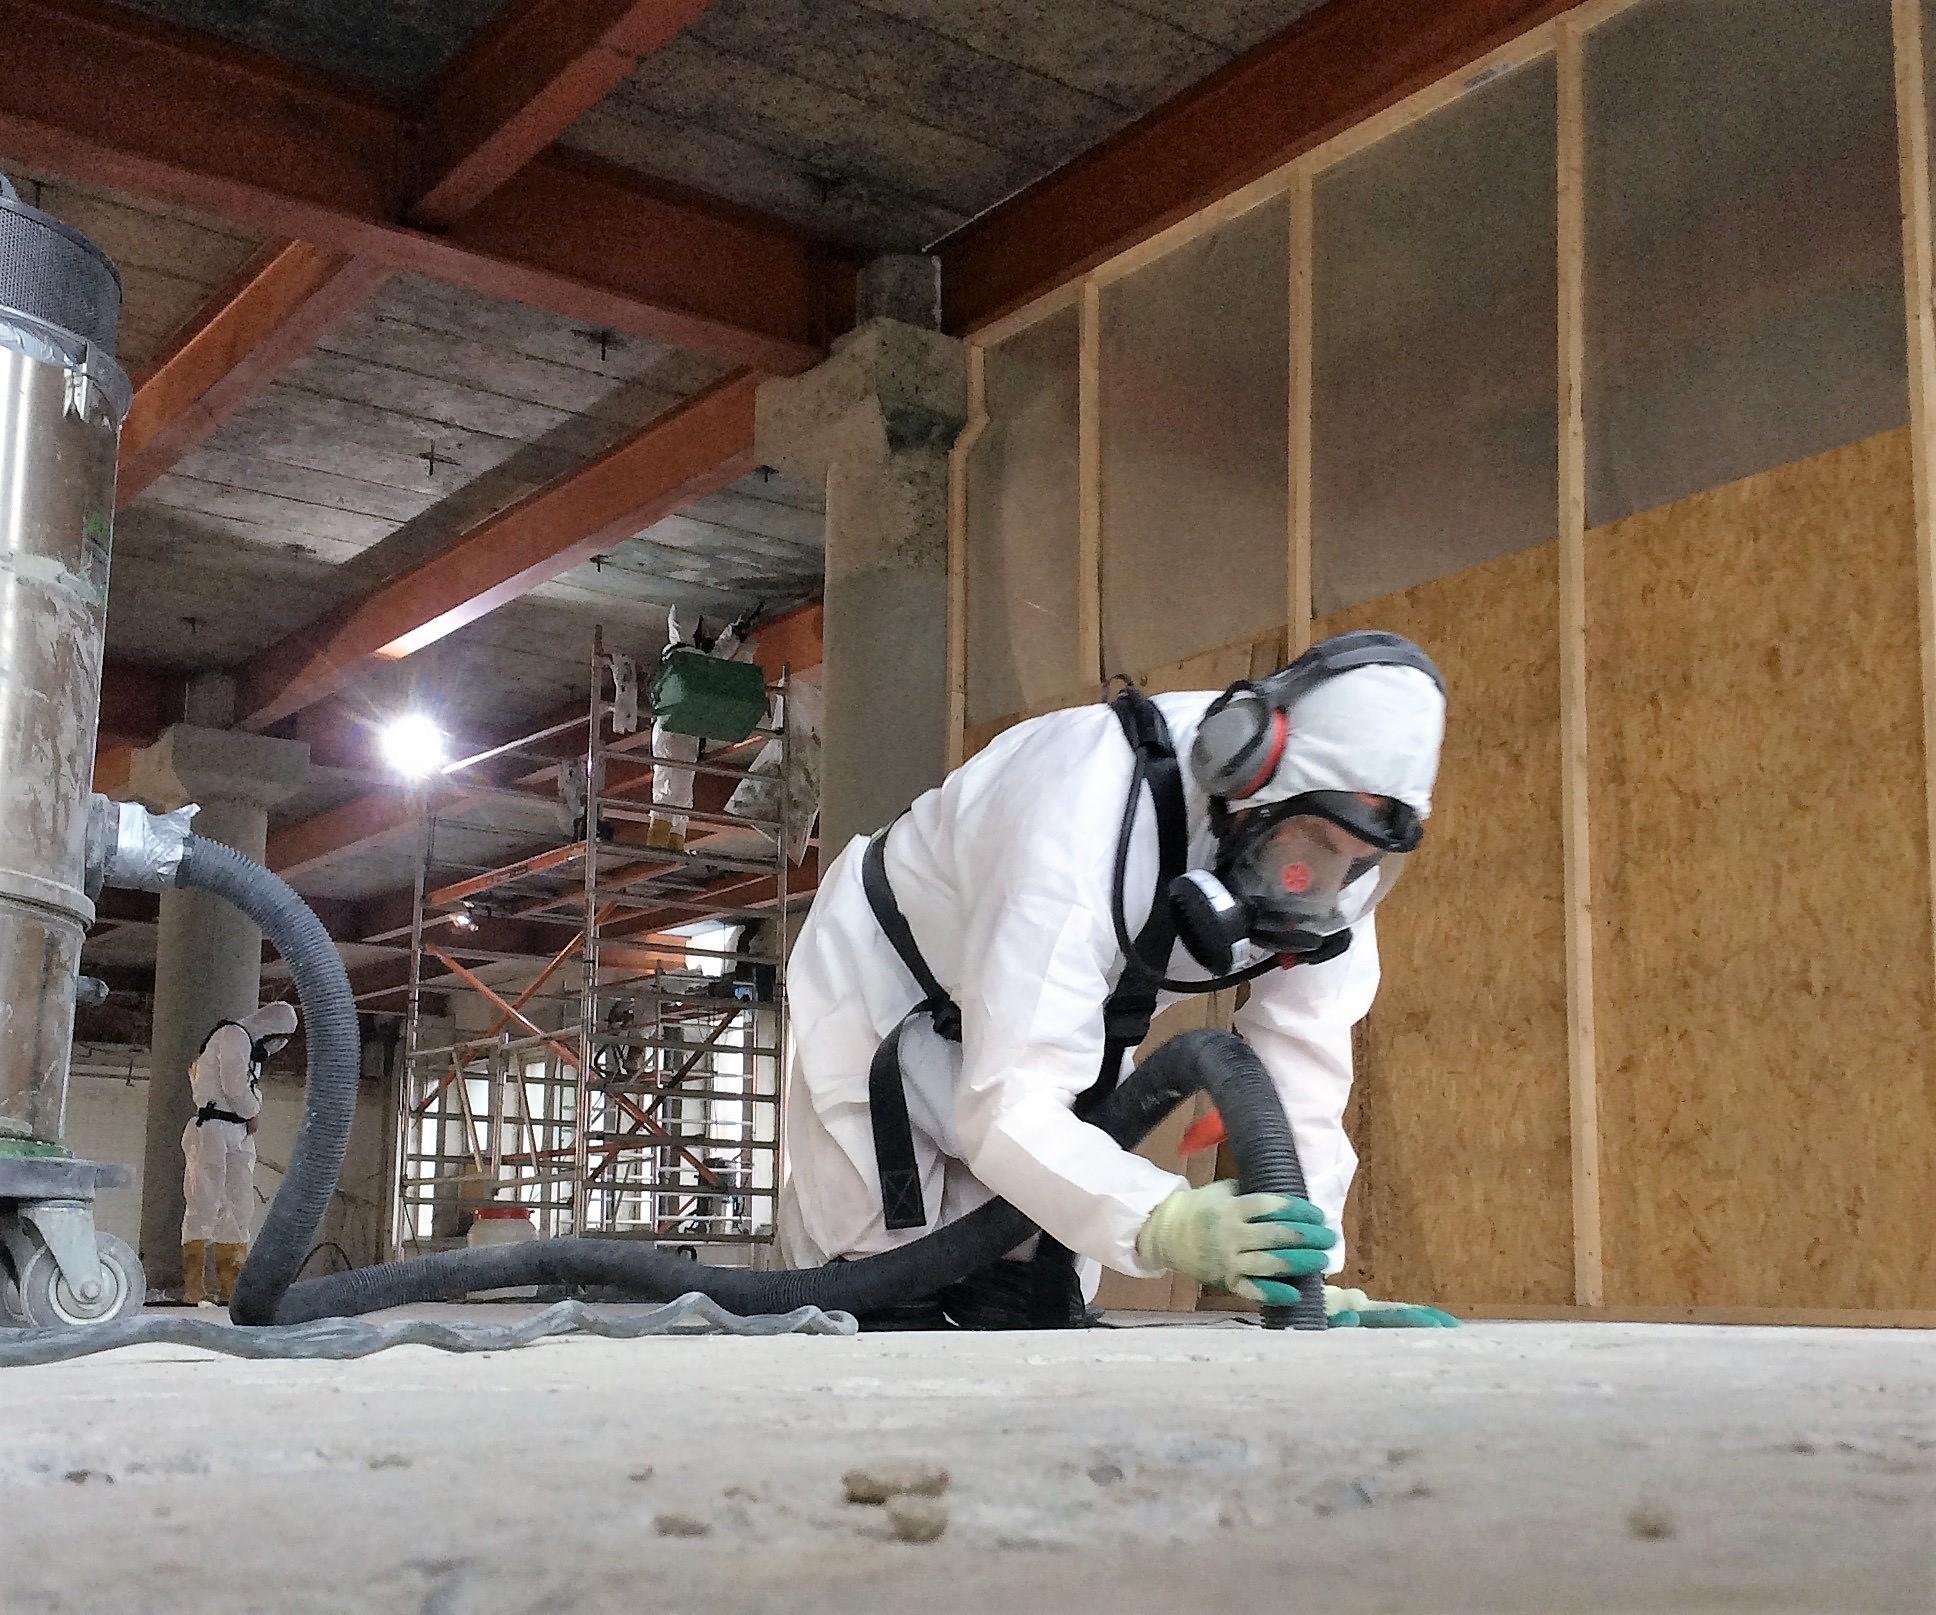 Medewerker Asbestverwijdering Flory BV stofzuigt na Asbestsanering van spuitasbest